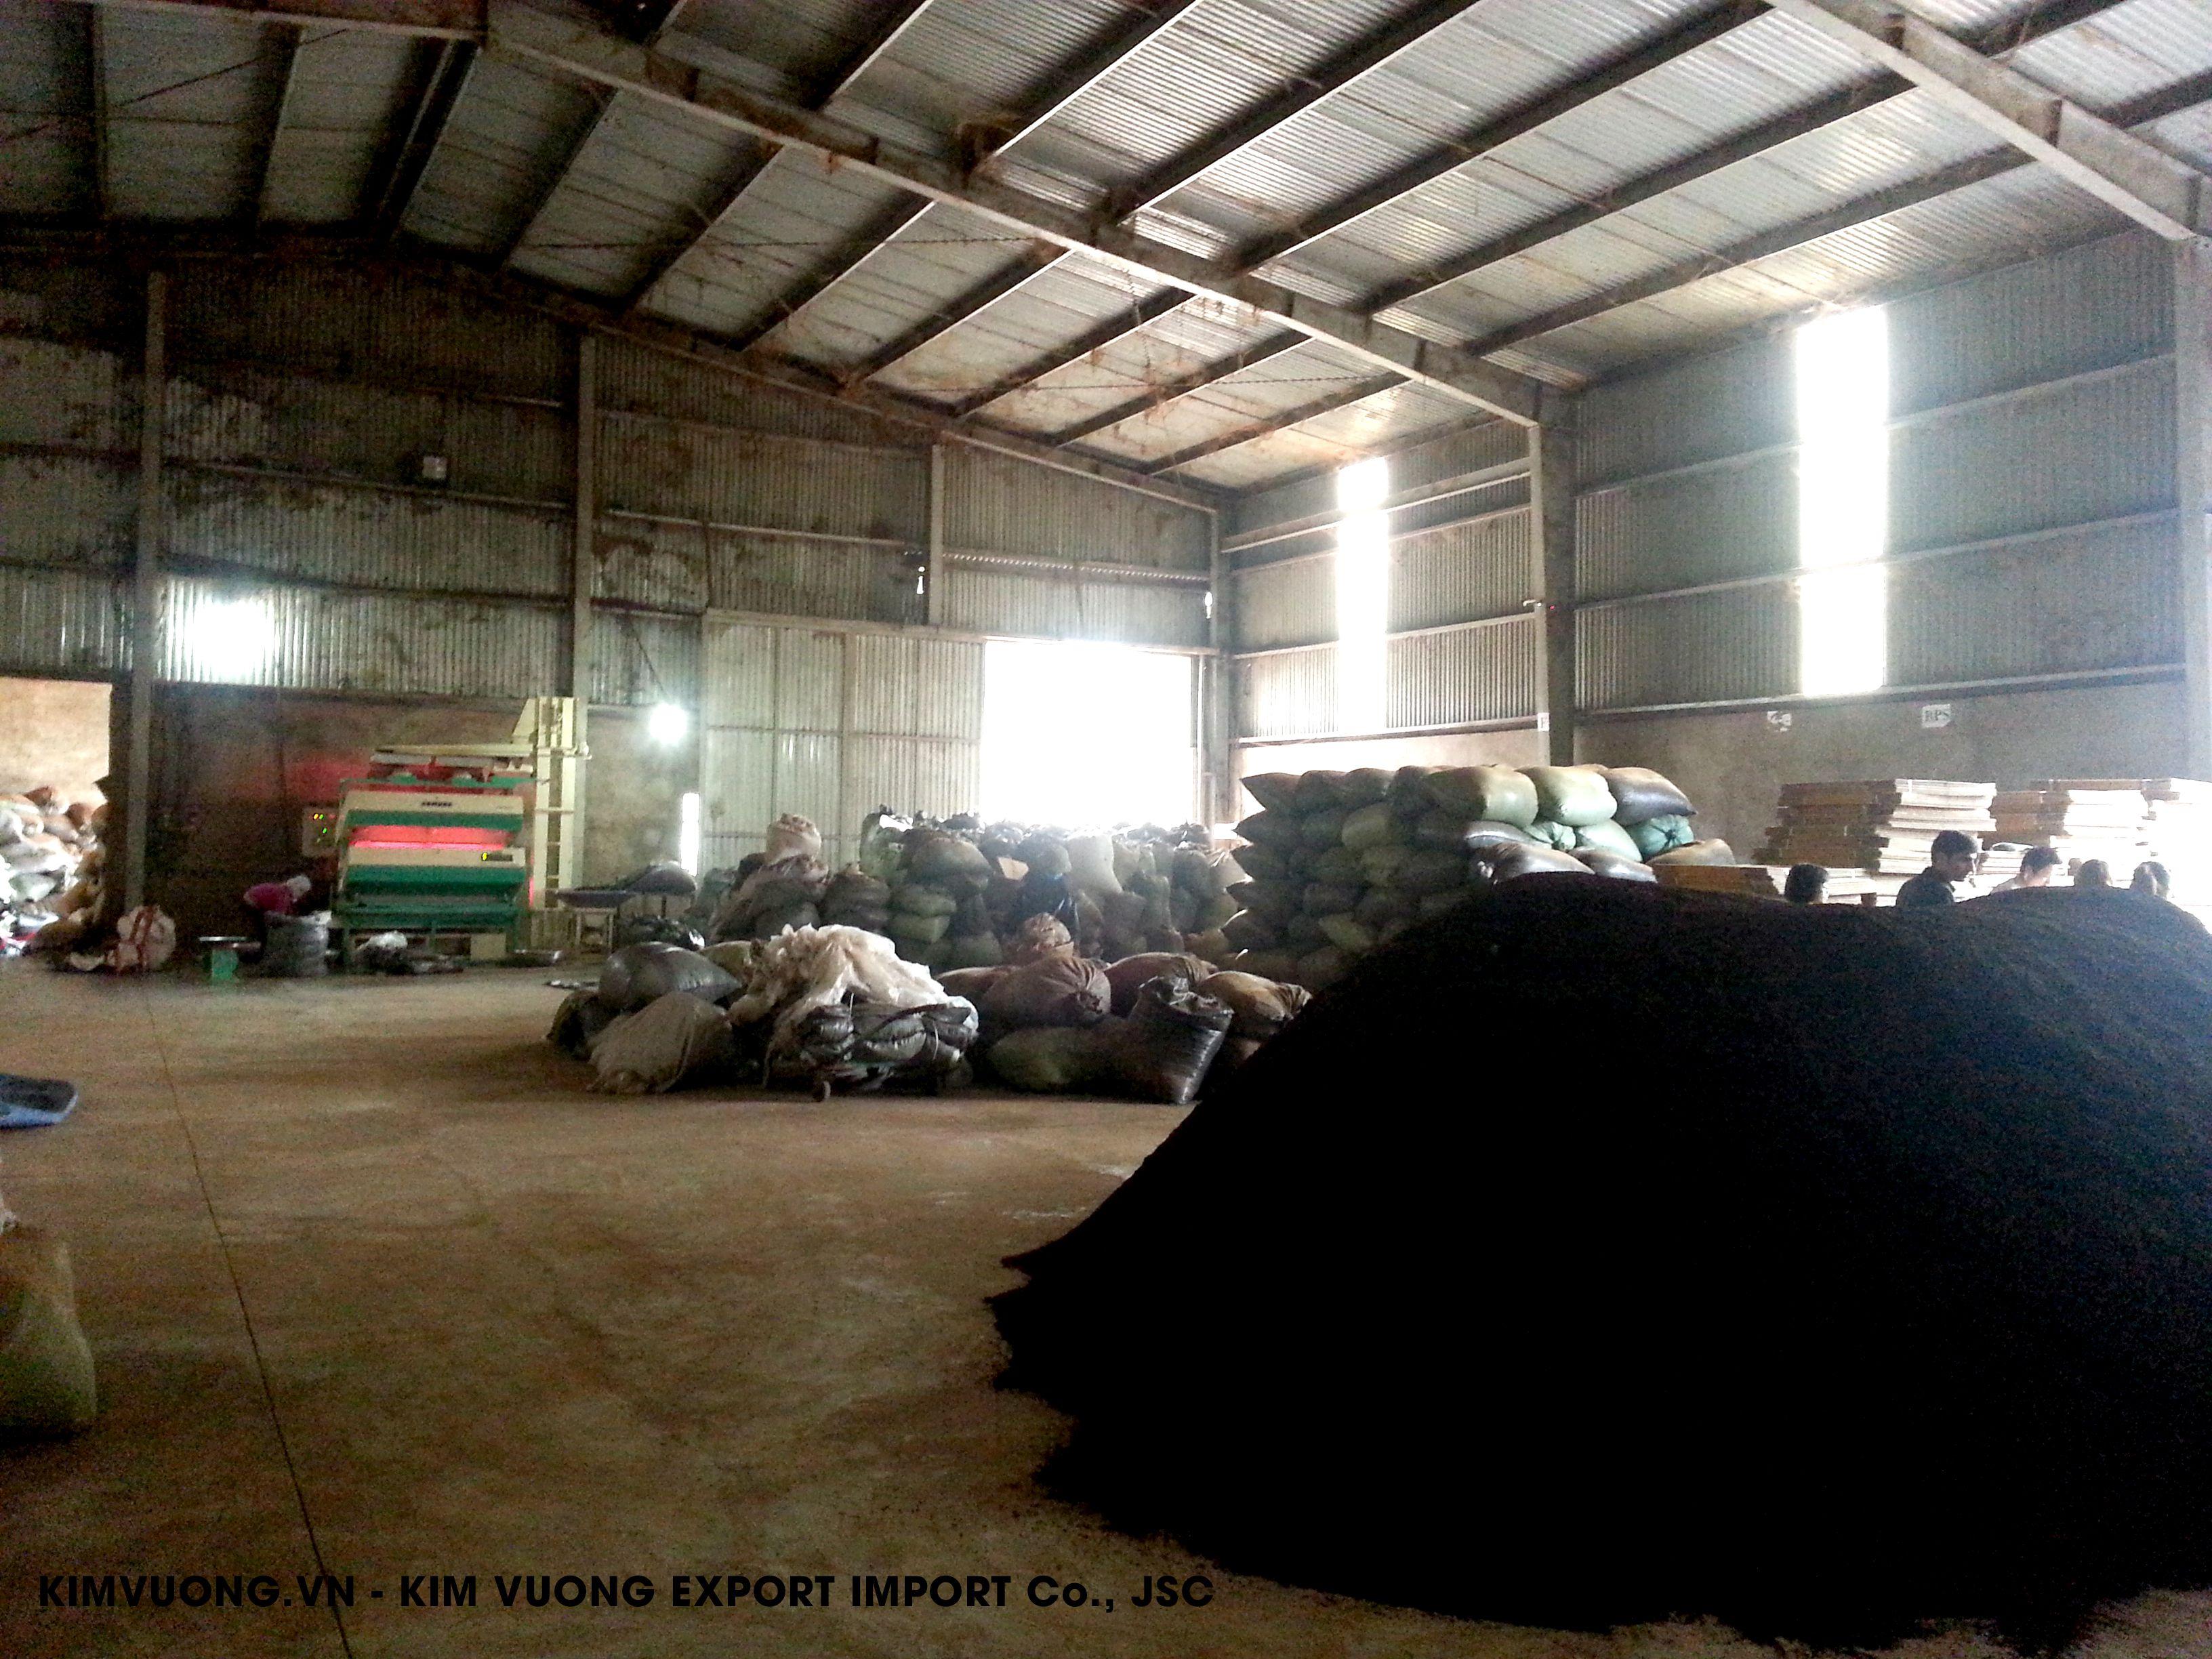 Tea export factory 5 - KIM VUONG EXPORT IMPORT Co.,JSC